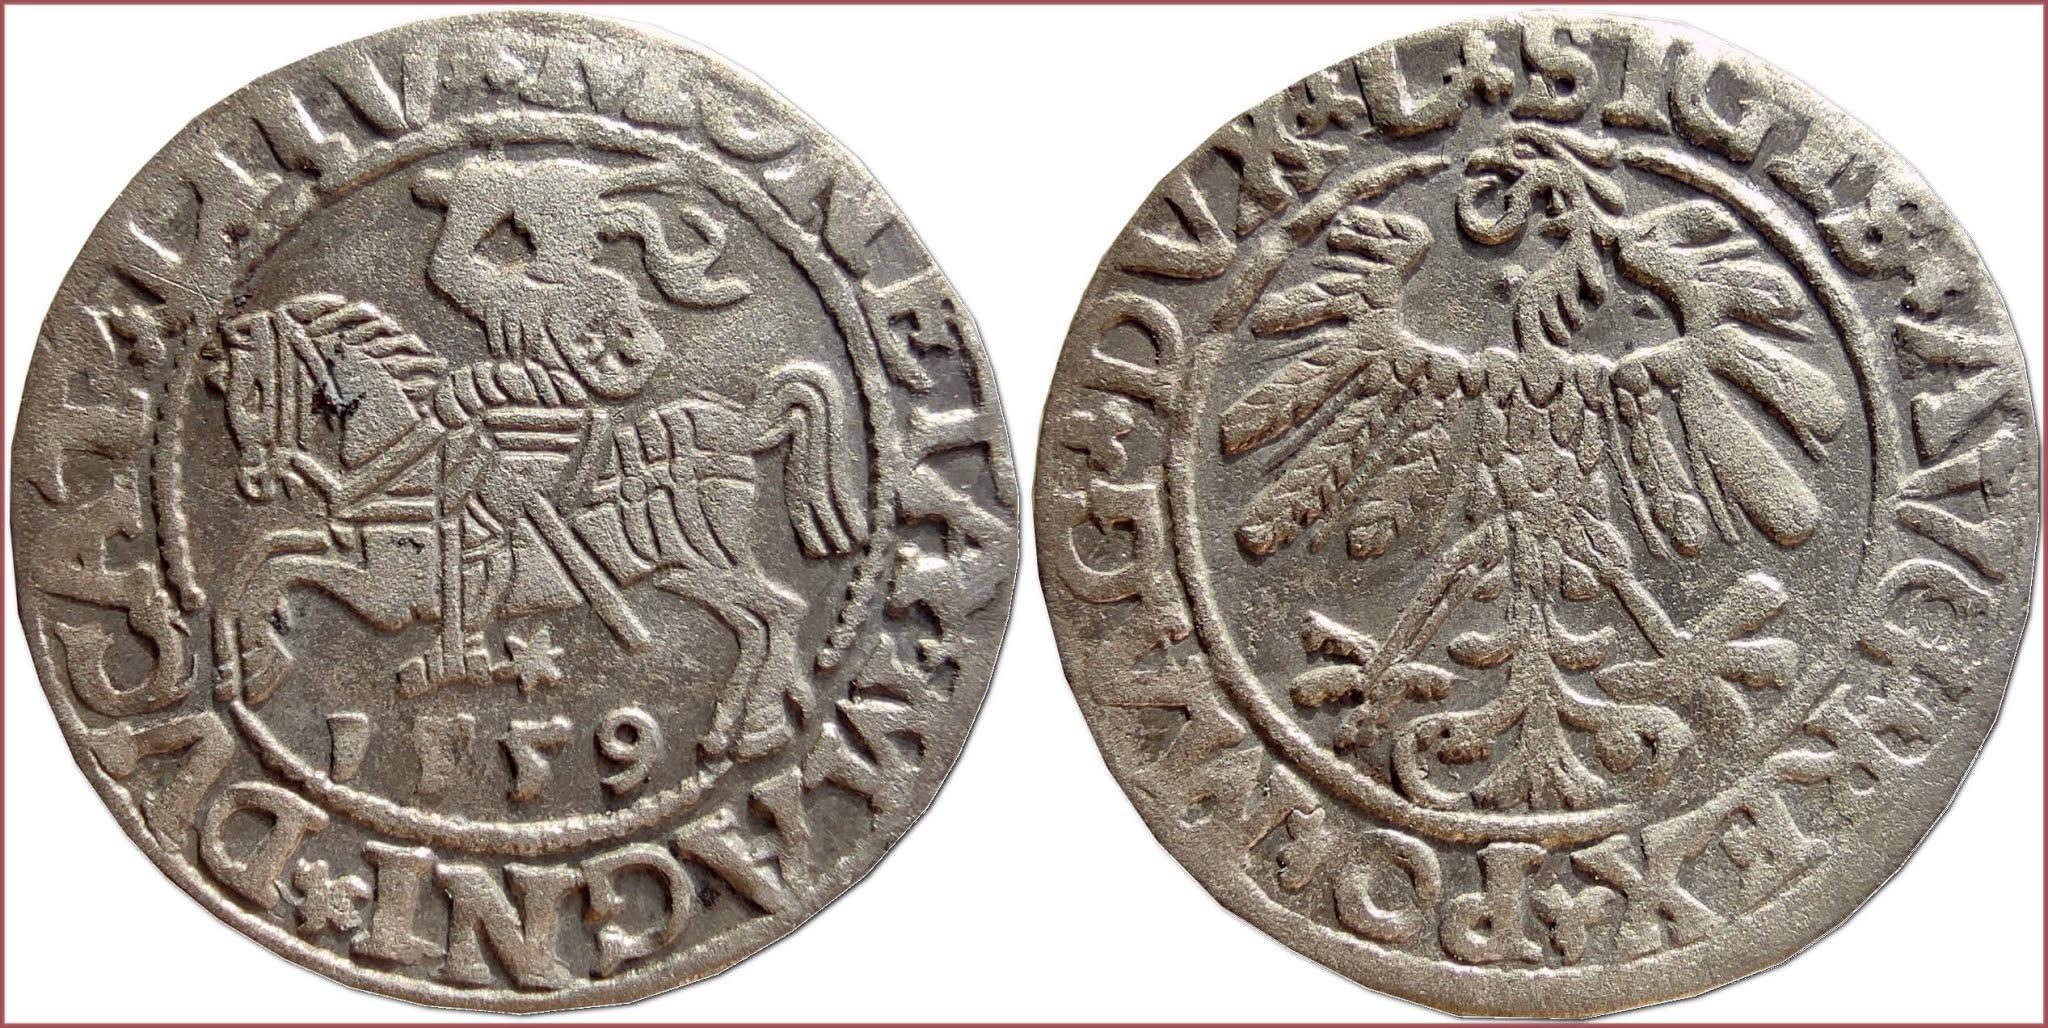 Polgrosz (Półgrosz), 1559: Grand Duchy of Lithuania